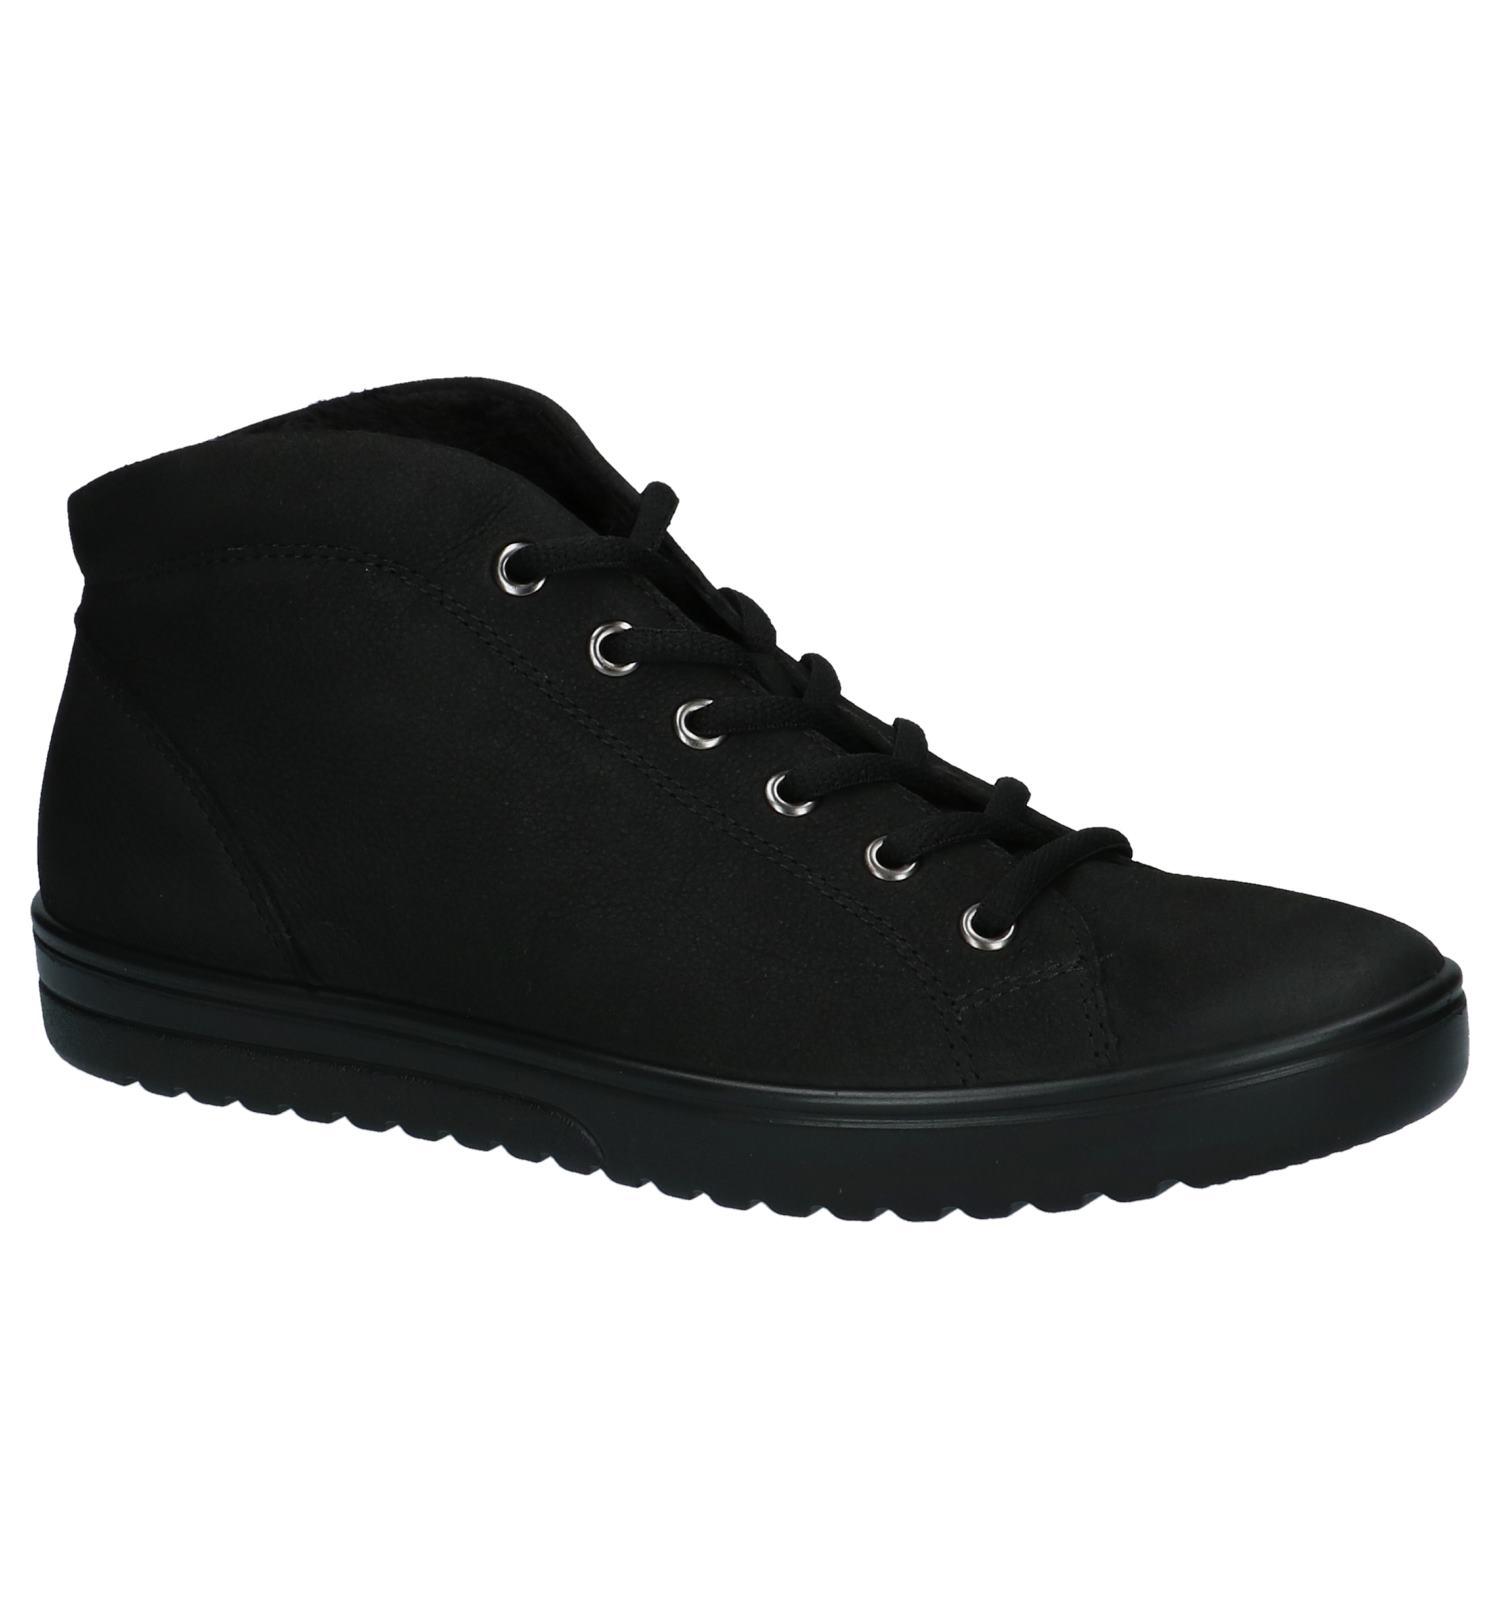 Fara Verzend Hoge be Gratis Zwarte Sneakers Retour En Ecco Torfs afpvn5wq